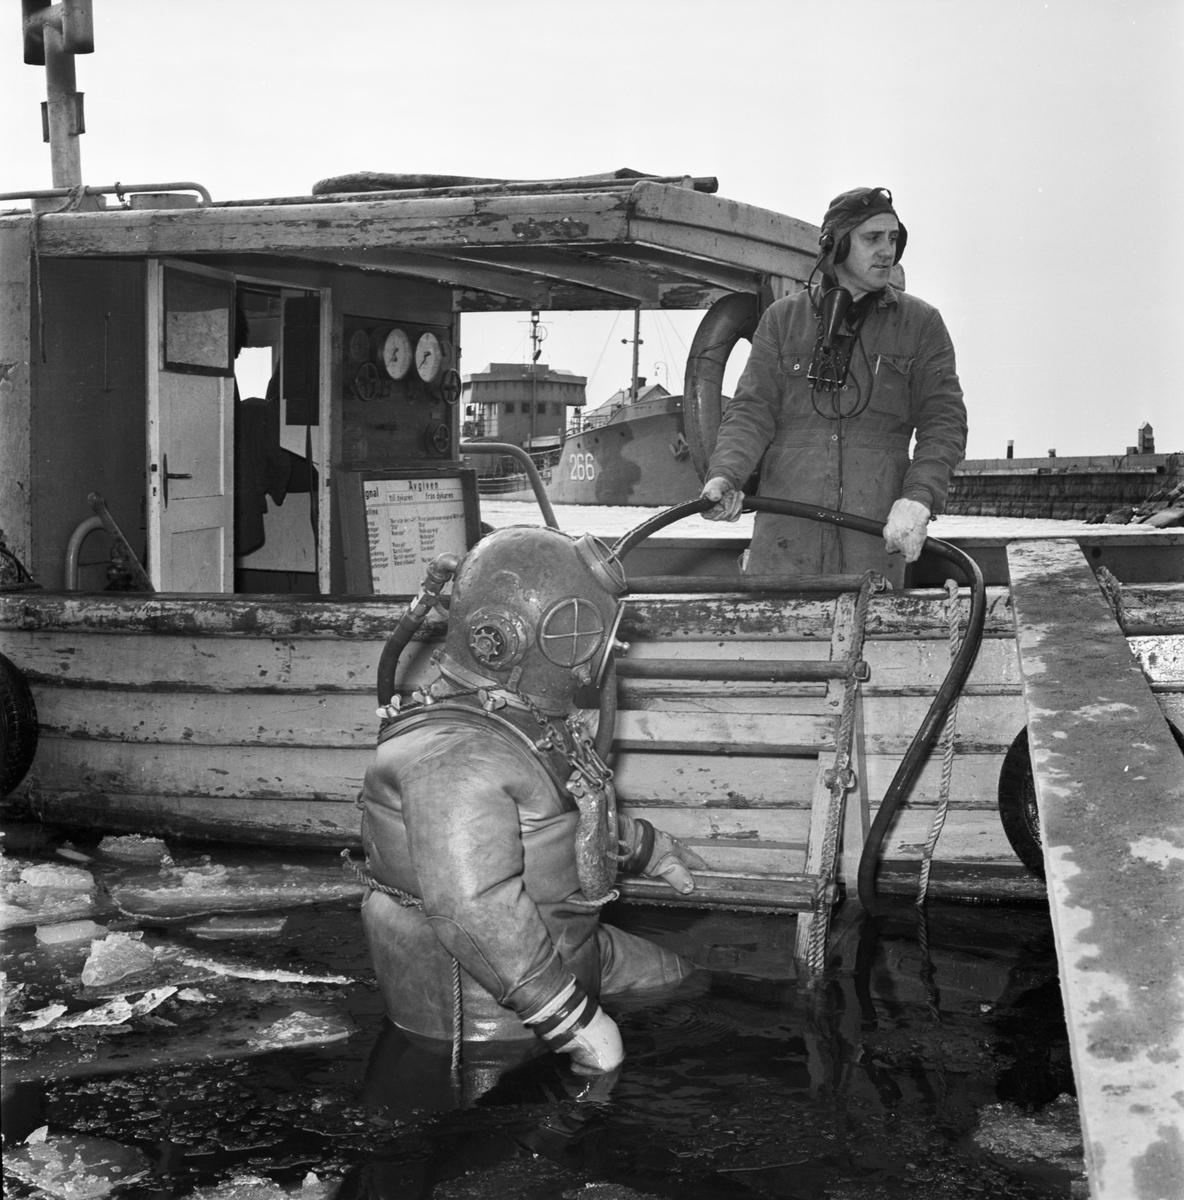 Övrigt: Foto datum: 16/3 1964 Verkstäder och personal. Bilder till reklambroschyr (Myllenberg) svetsning, dykare i arbete plåtpressen. Närmast identisk bild: V28540, ej skannad